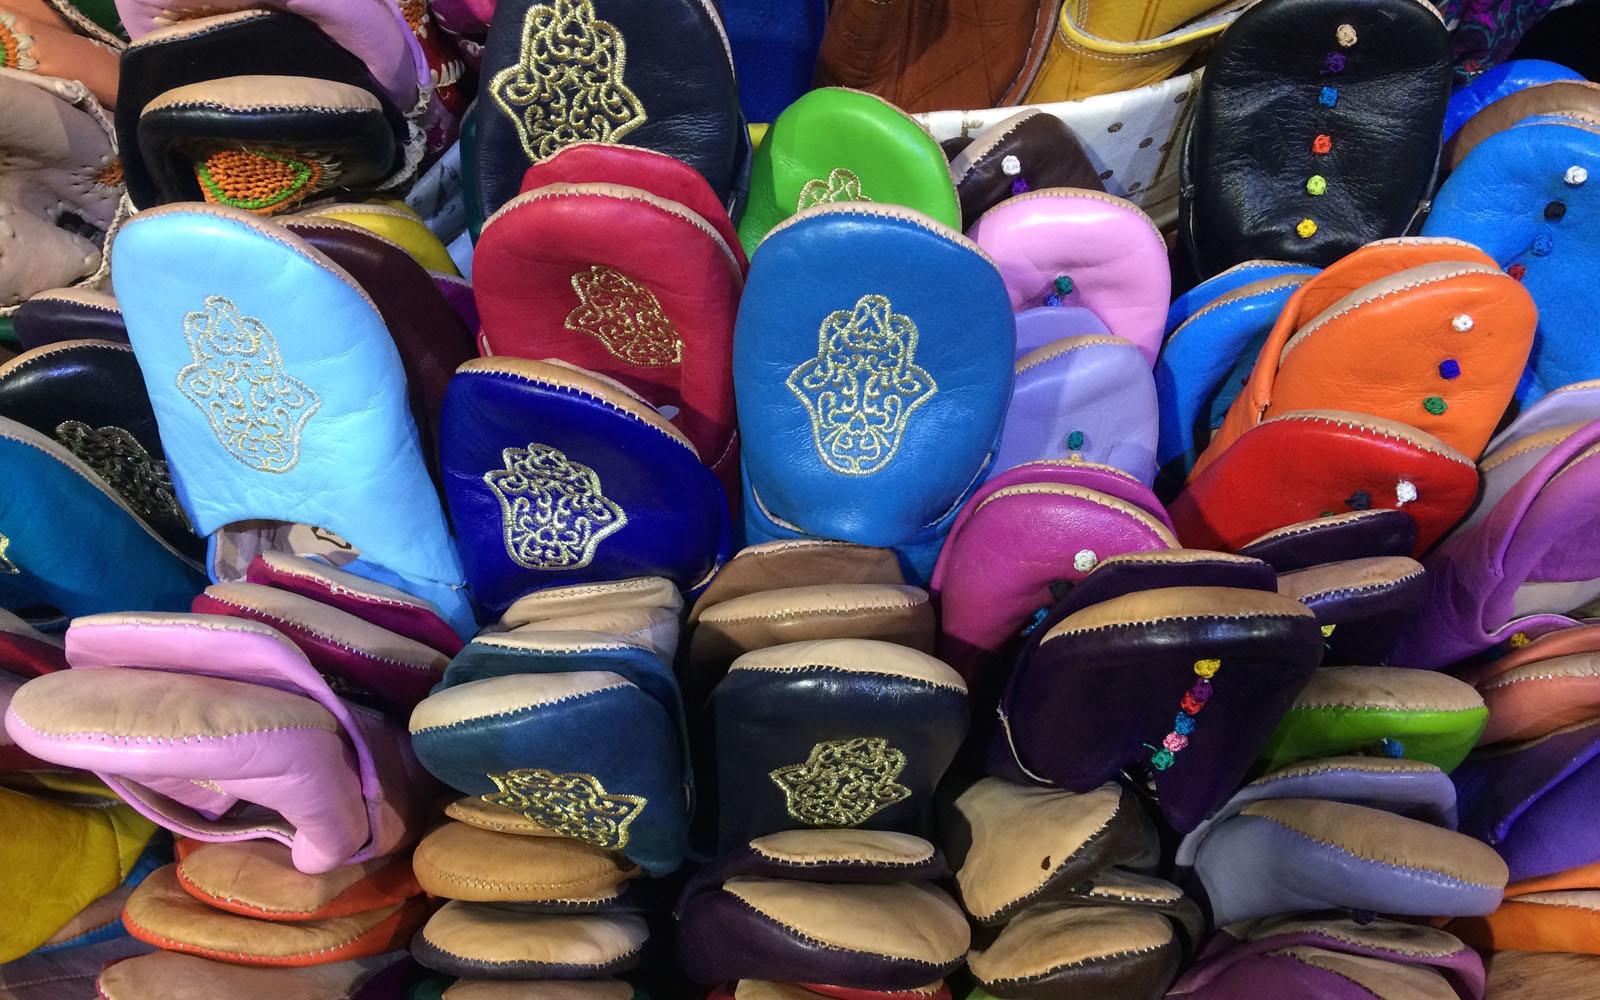 Ciabatte colorate in vendita nel suq arabo di Granada.